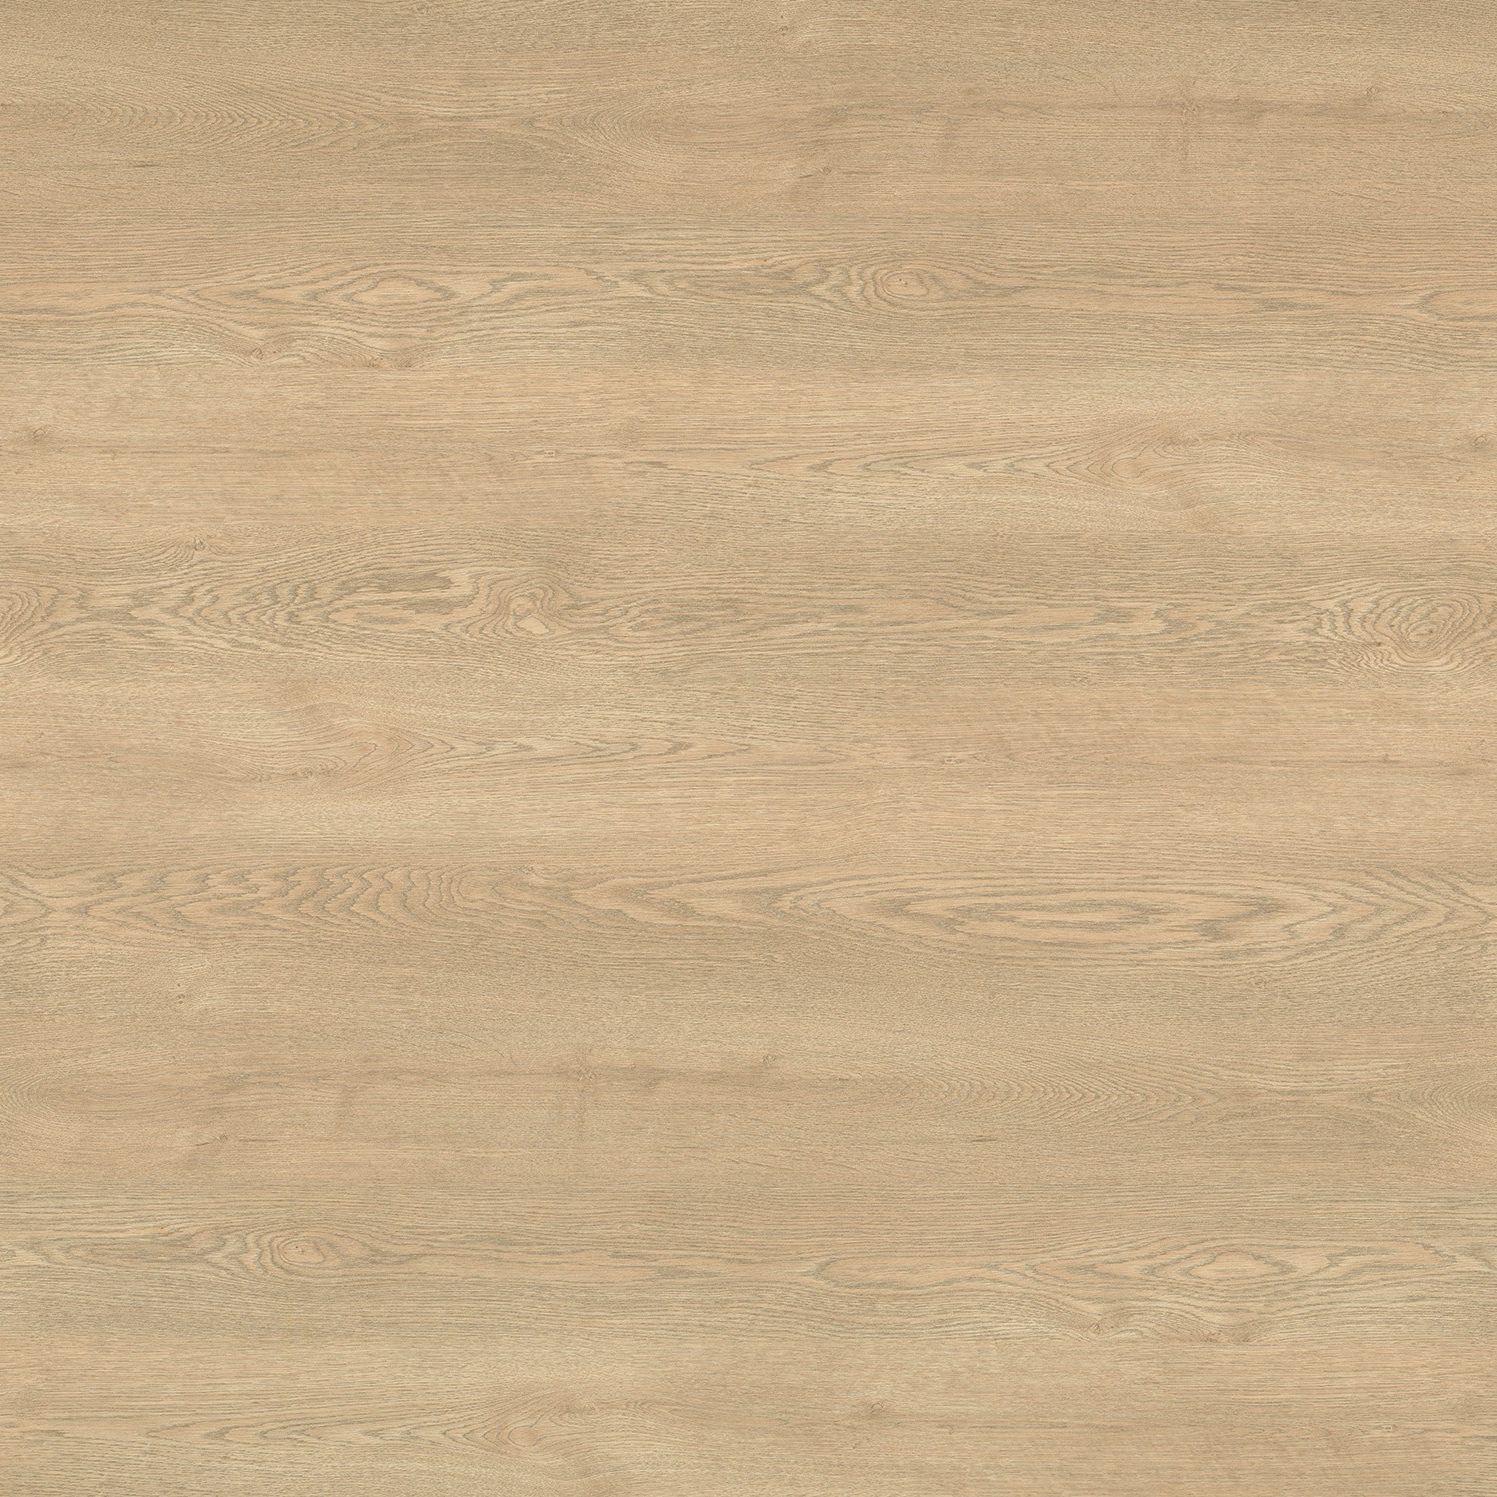 Stratifié décoratif aspect bois - RUSKIN OAK 17001 - Wilsonart International - texturé / HPL ...